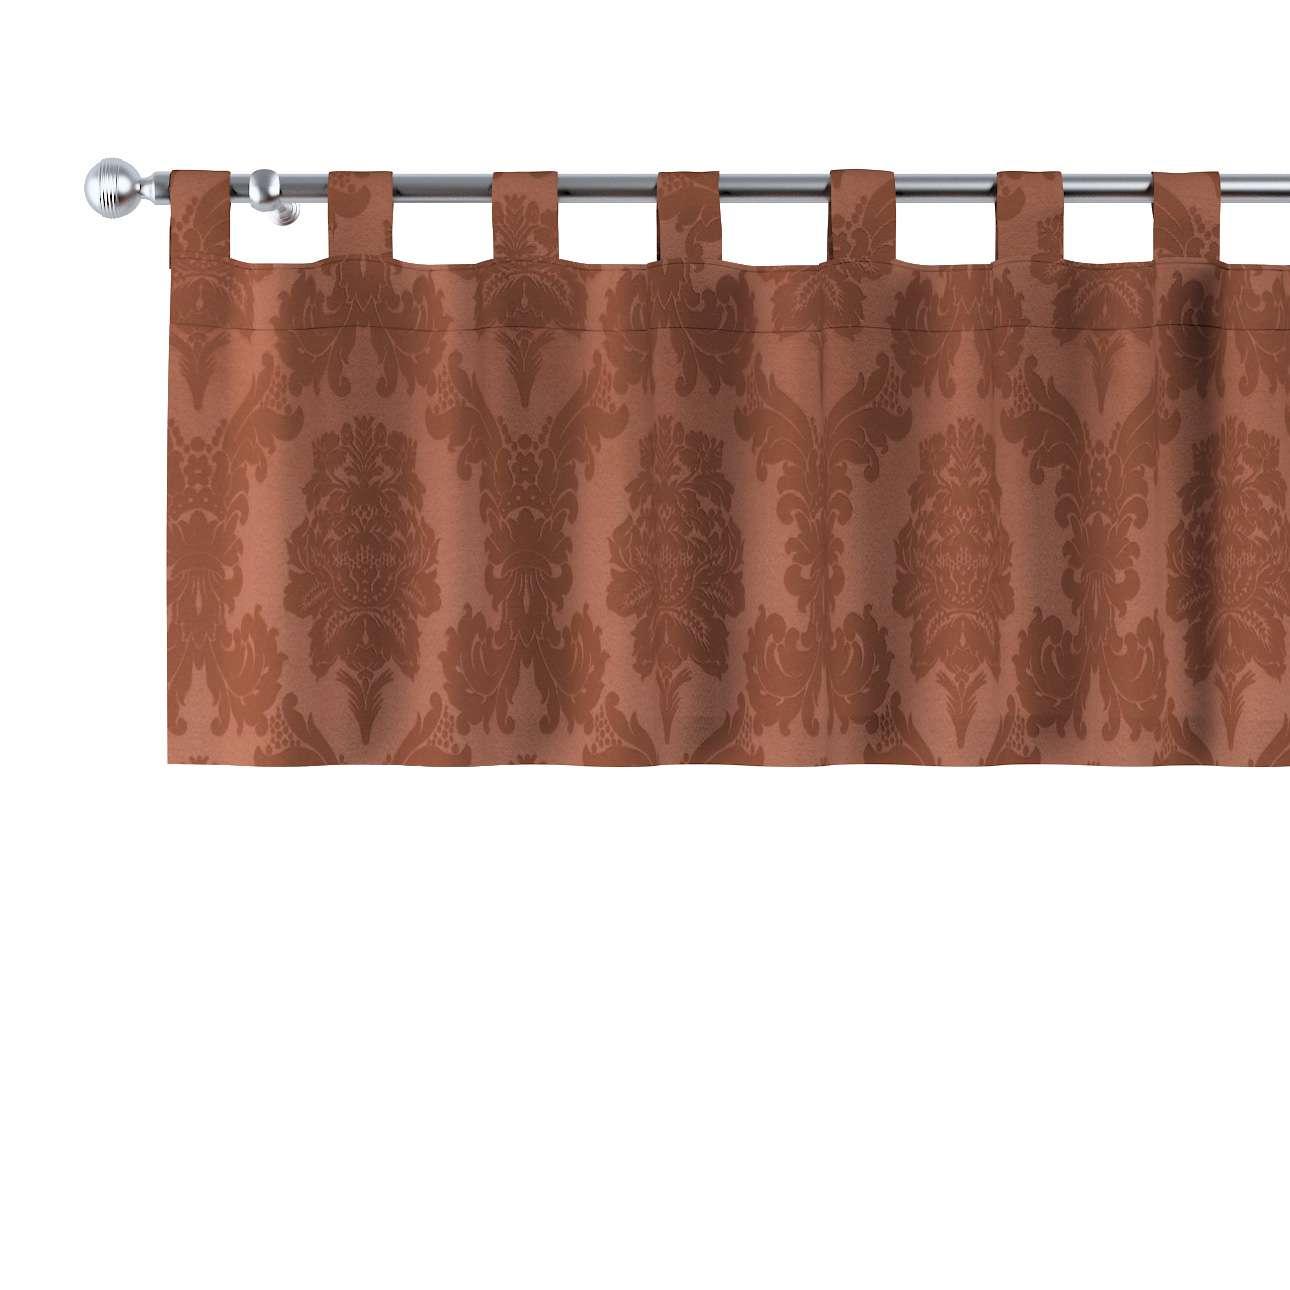 Gardinkappa med hällor 130x40cm i kollektionen Damasco, Tyg: 613-88